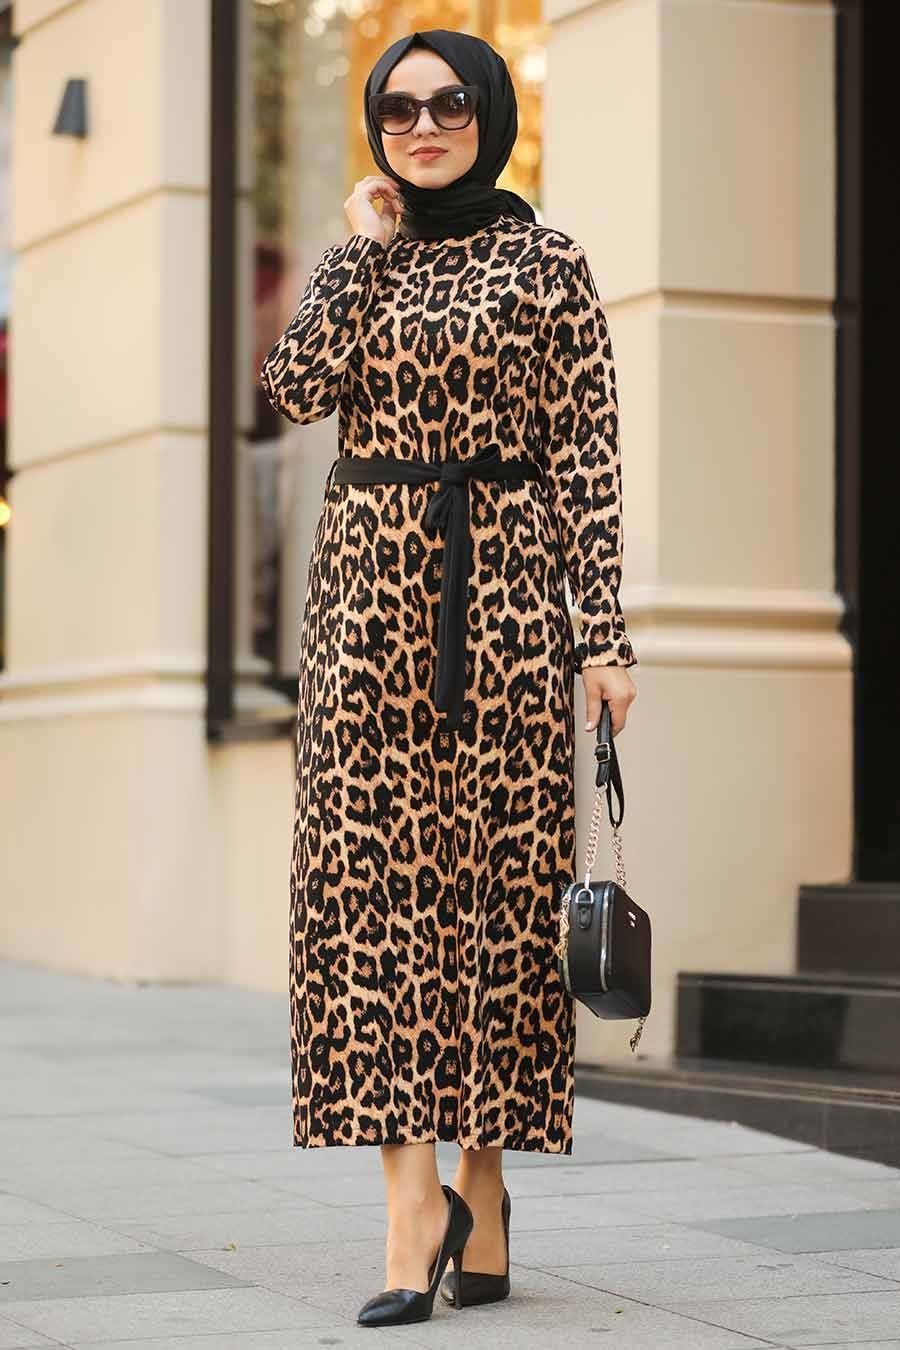 Neva Style Leopar Desenli Tesettur Elbise 11024lp Tesetturisland Com Elbise Modelleri Elbise Islami Giyim